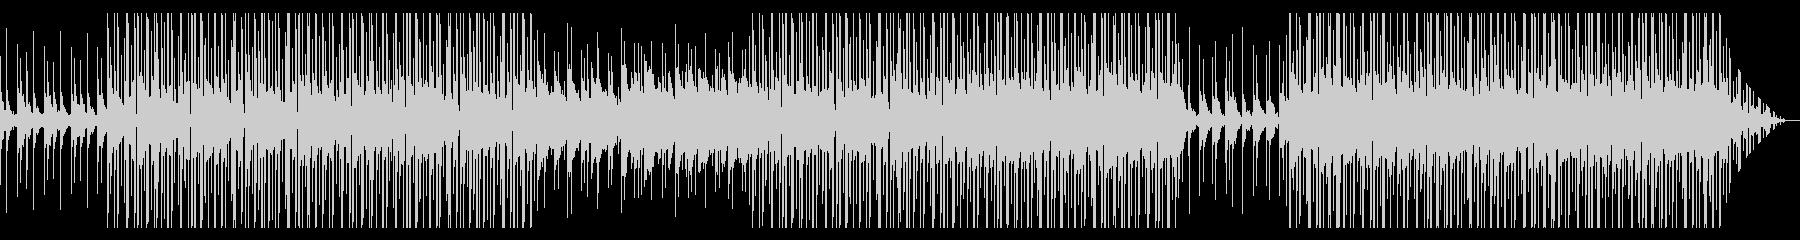 寒い冬の中の暖かさ アコギ ローファイの未再生の波形